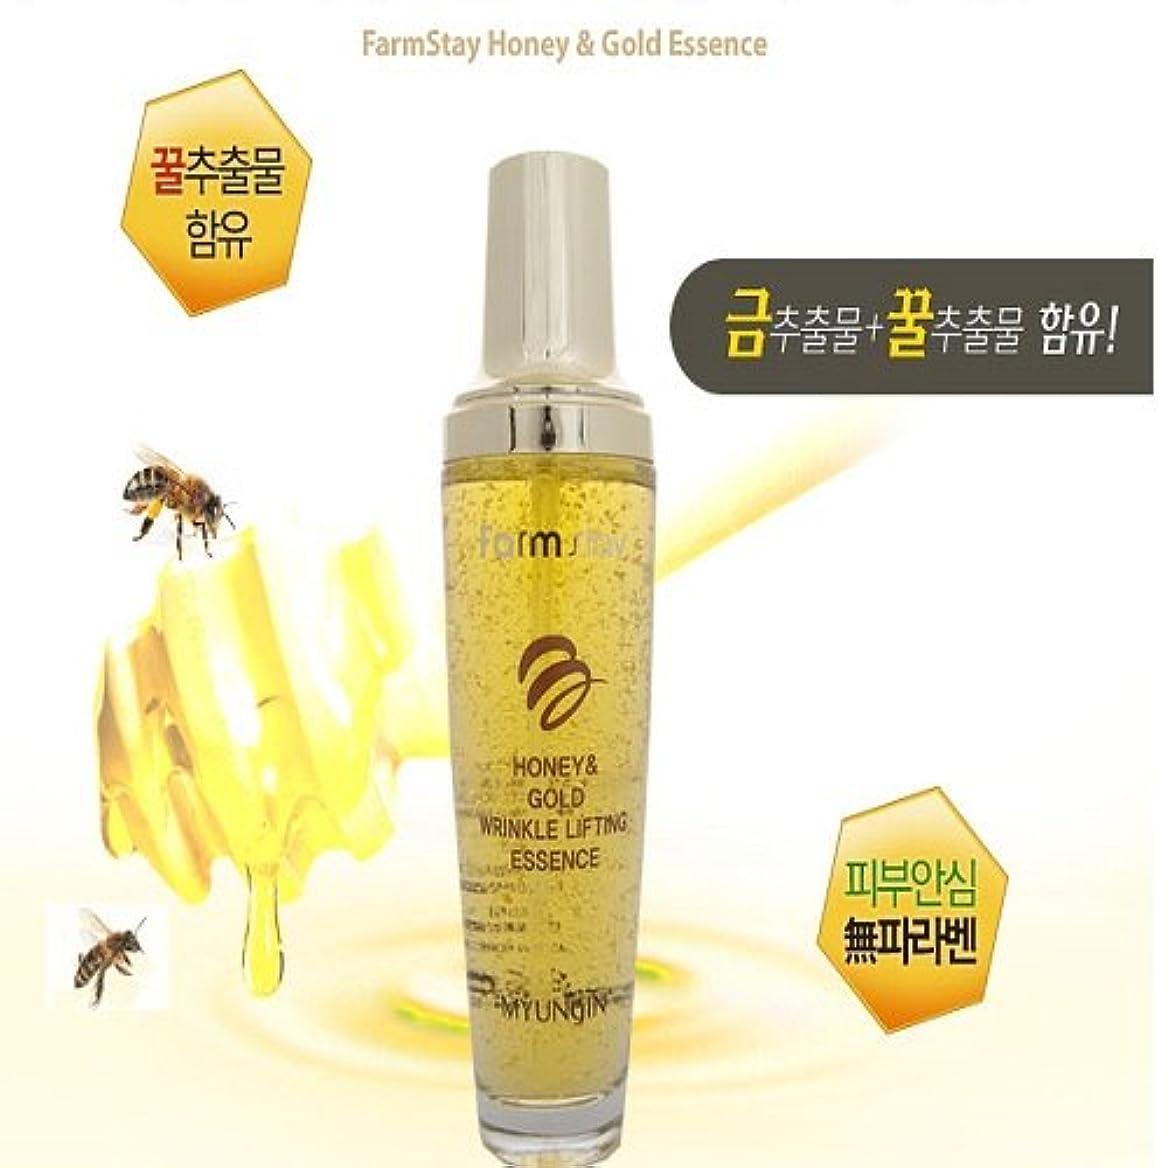 ロータリー編集するグローブ[FARM STAY] Honey & Gold Wrinkle Lifting Essence 130ml